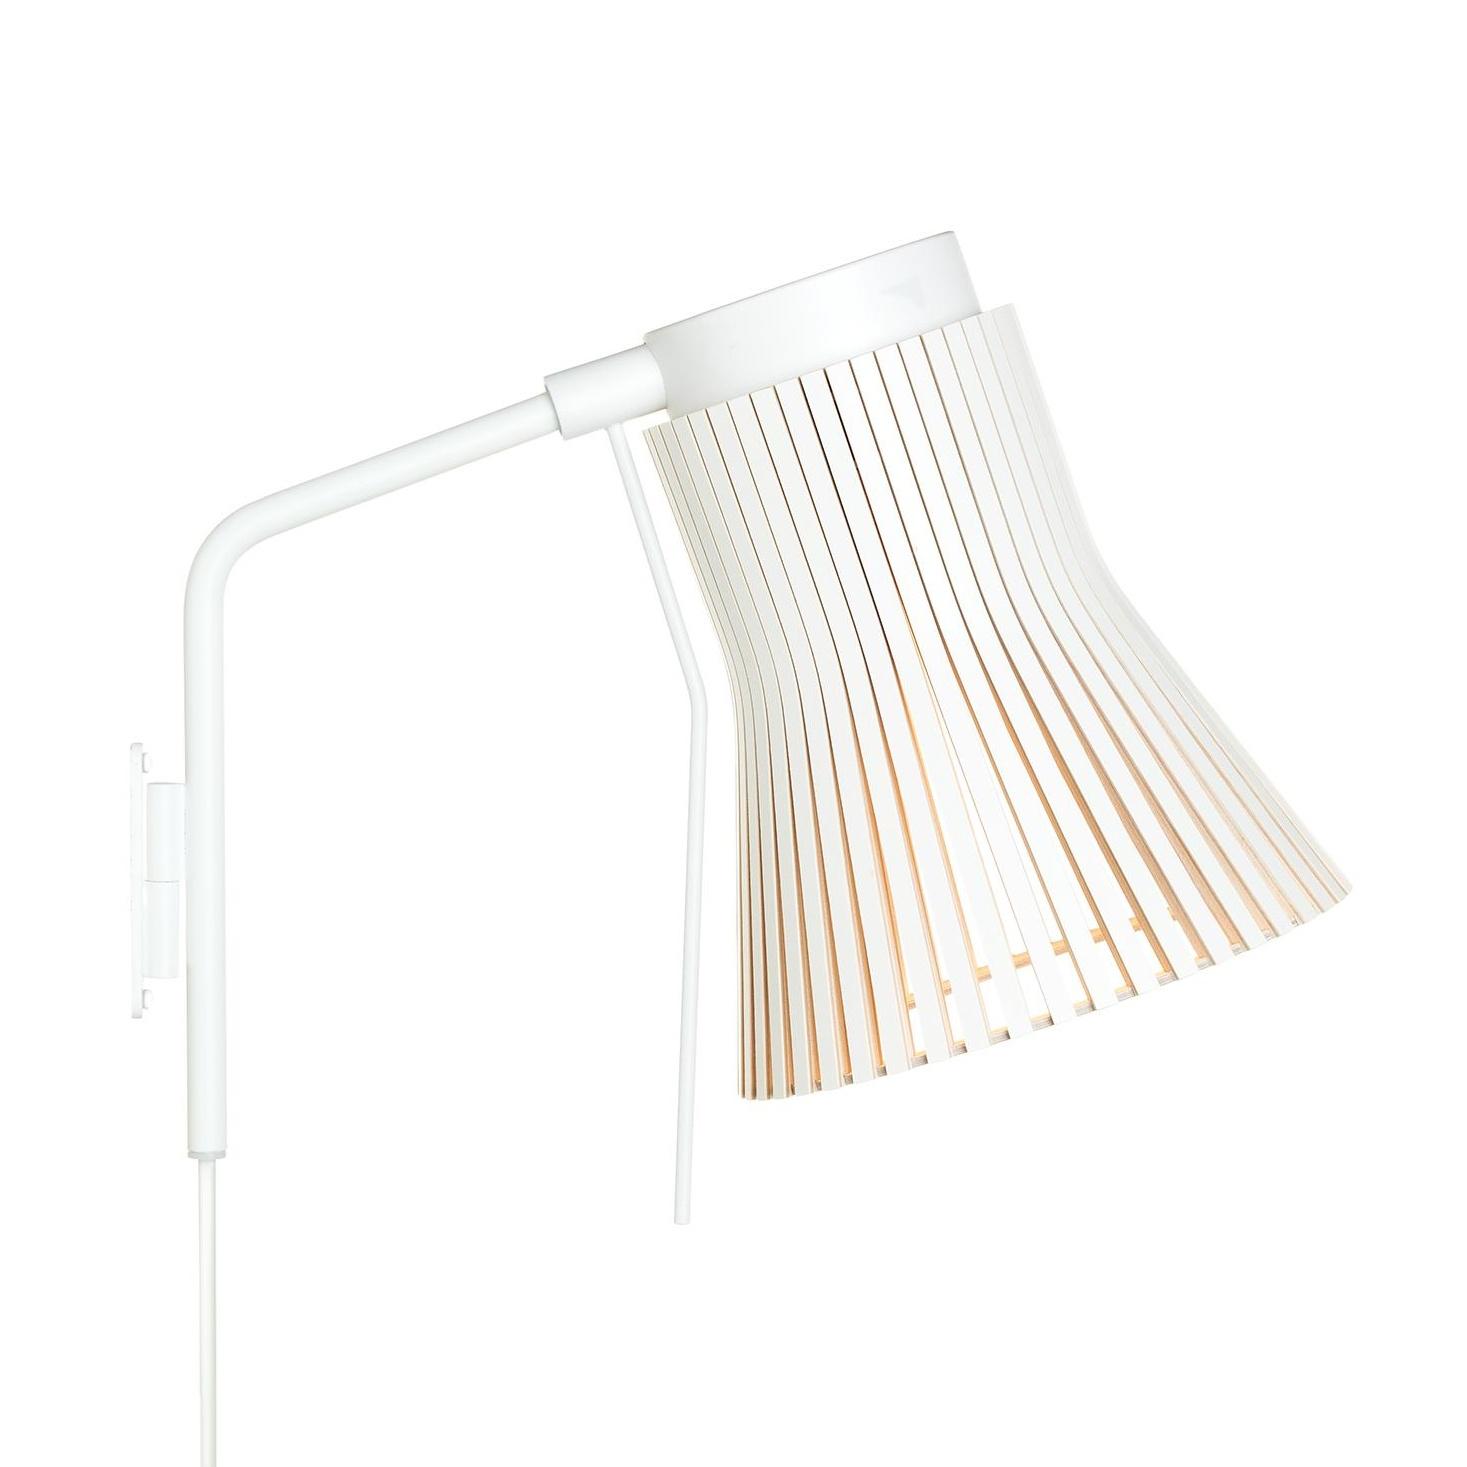 Secto Design - Petite 4630 - Applique murale - blanc/laminé/2800K/480lm/structure laque blanc/câble blanc